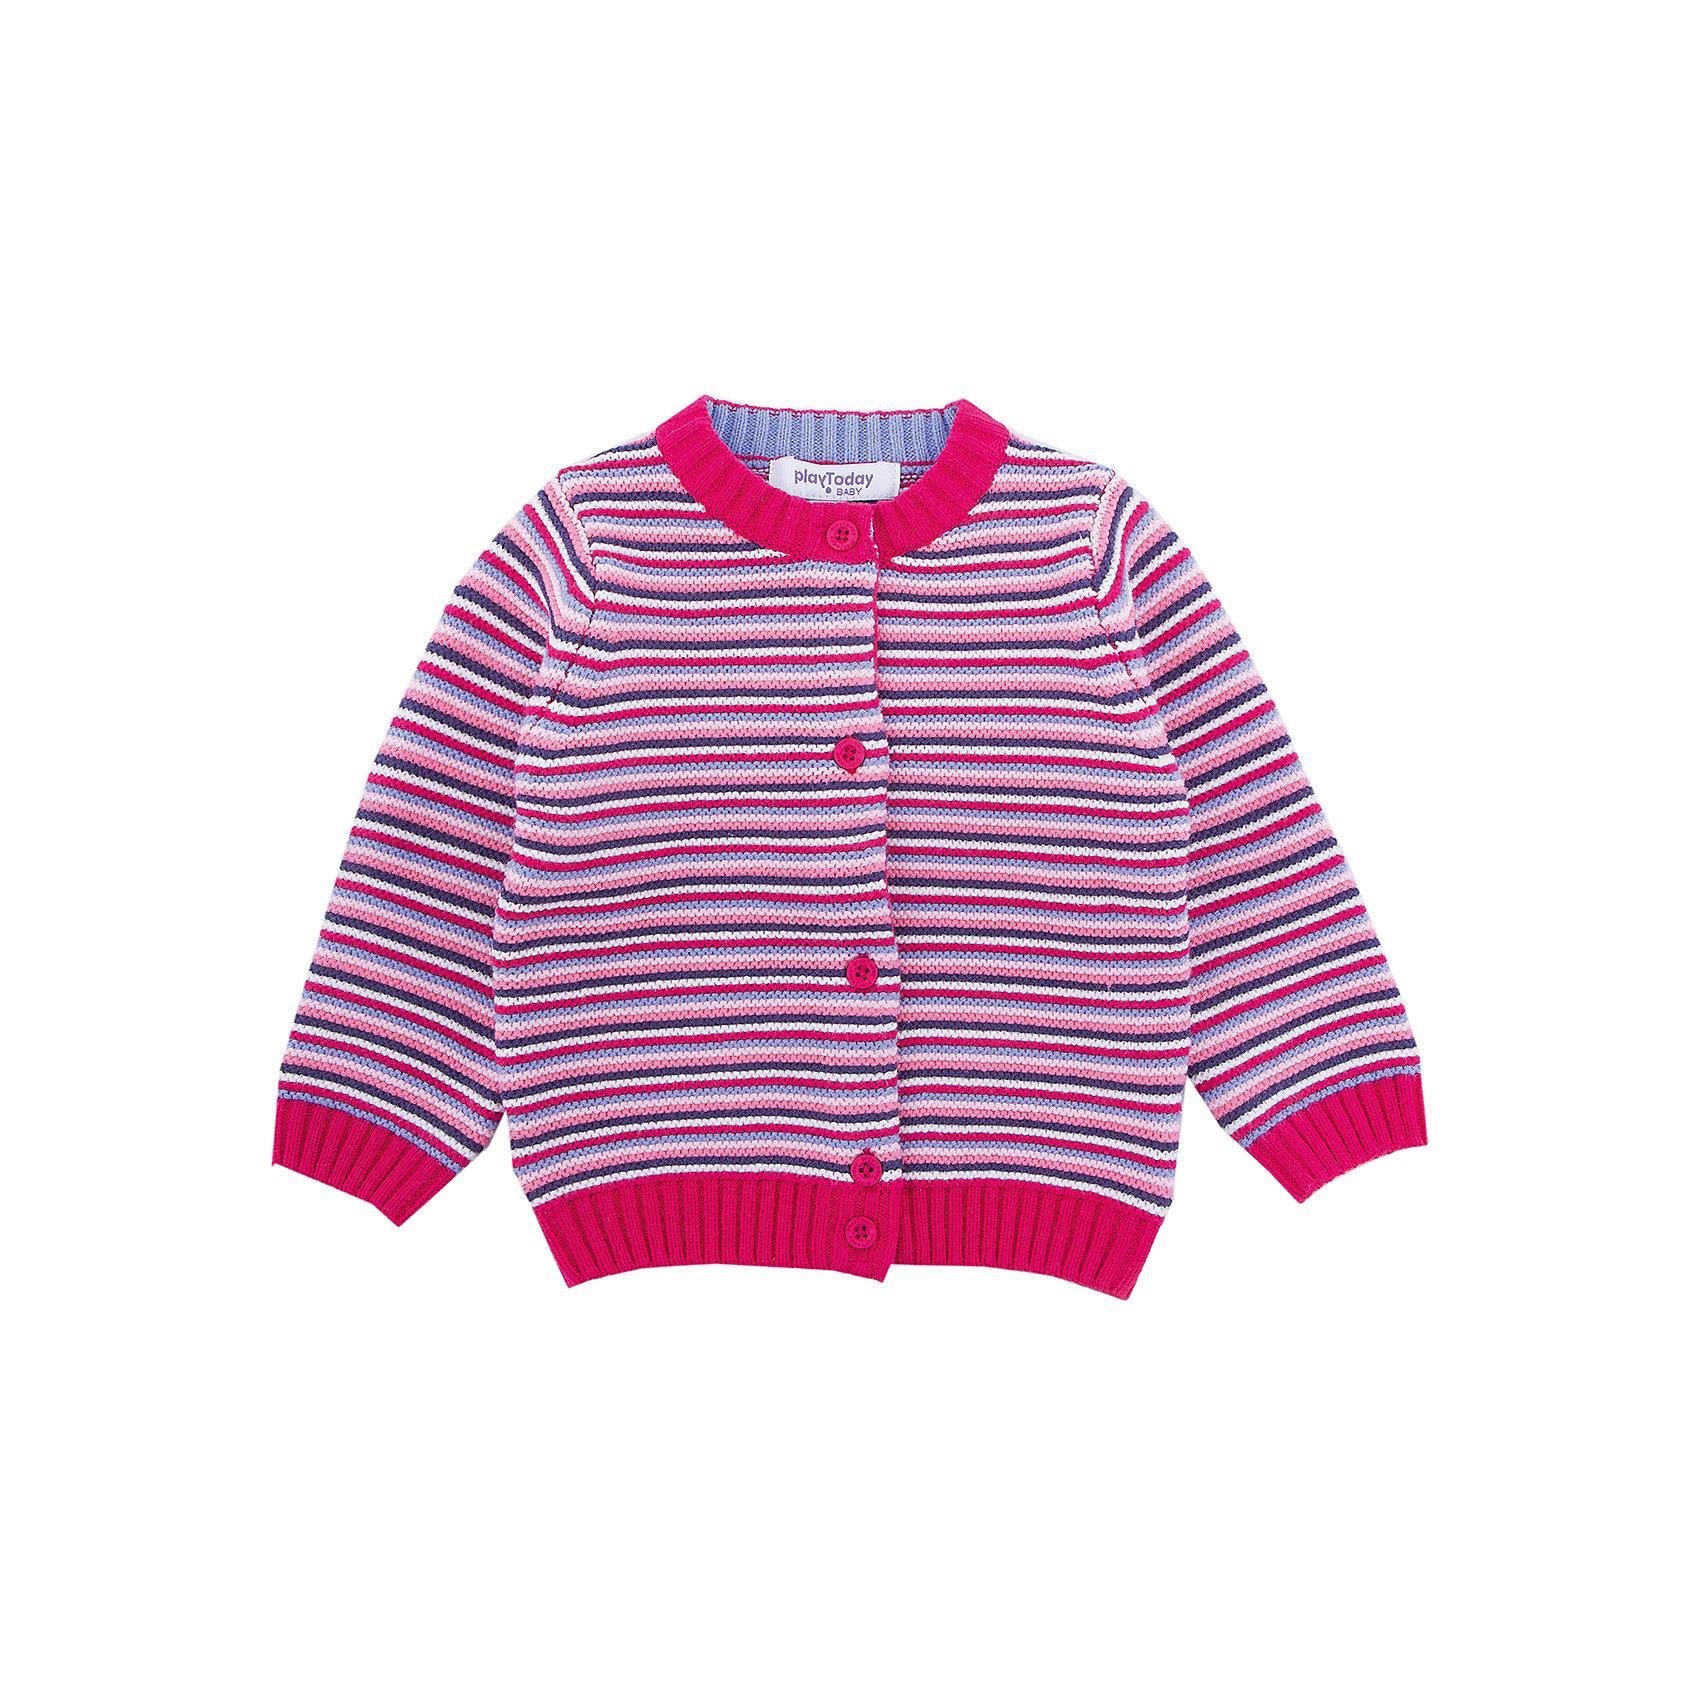 Кардиган PlayToday для девочкиТолстовки, свитера, кардиганы<br>Кардиган PlayToday для девочки<br>Кардиган на пуговицах - отличное дополнение к повседневному гардеробу ребенка. Горловина, манжеты и низ изделия на мягких резинках. Модель выполнена в технике yarn dyed - в процессе производства используются разного цвета нити. При рекомендуемом уходе изделие не линяет и надолго остается в первоначальном виде.<br>Состав:<br>60% хлопок, 40% акрил<br><br>Ширина мм: 190<br>Глубина мм: 74<br>Высота мм: 229<br>Вес г: 236<br>Цвет: белый<br>Возраст от месяцев: 18<br>Возраст до месяцев: 24<br>Пол: Женский<br>Возраст: Детский<br>Размер: 92,74,80,86<br>SKU: 7110126